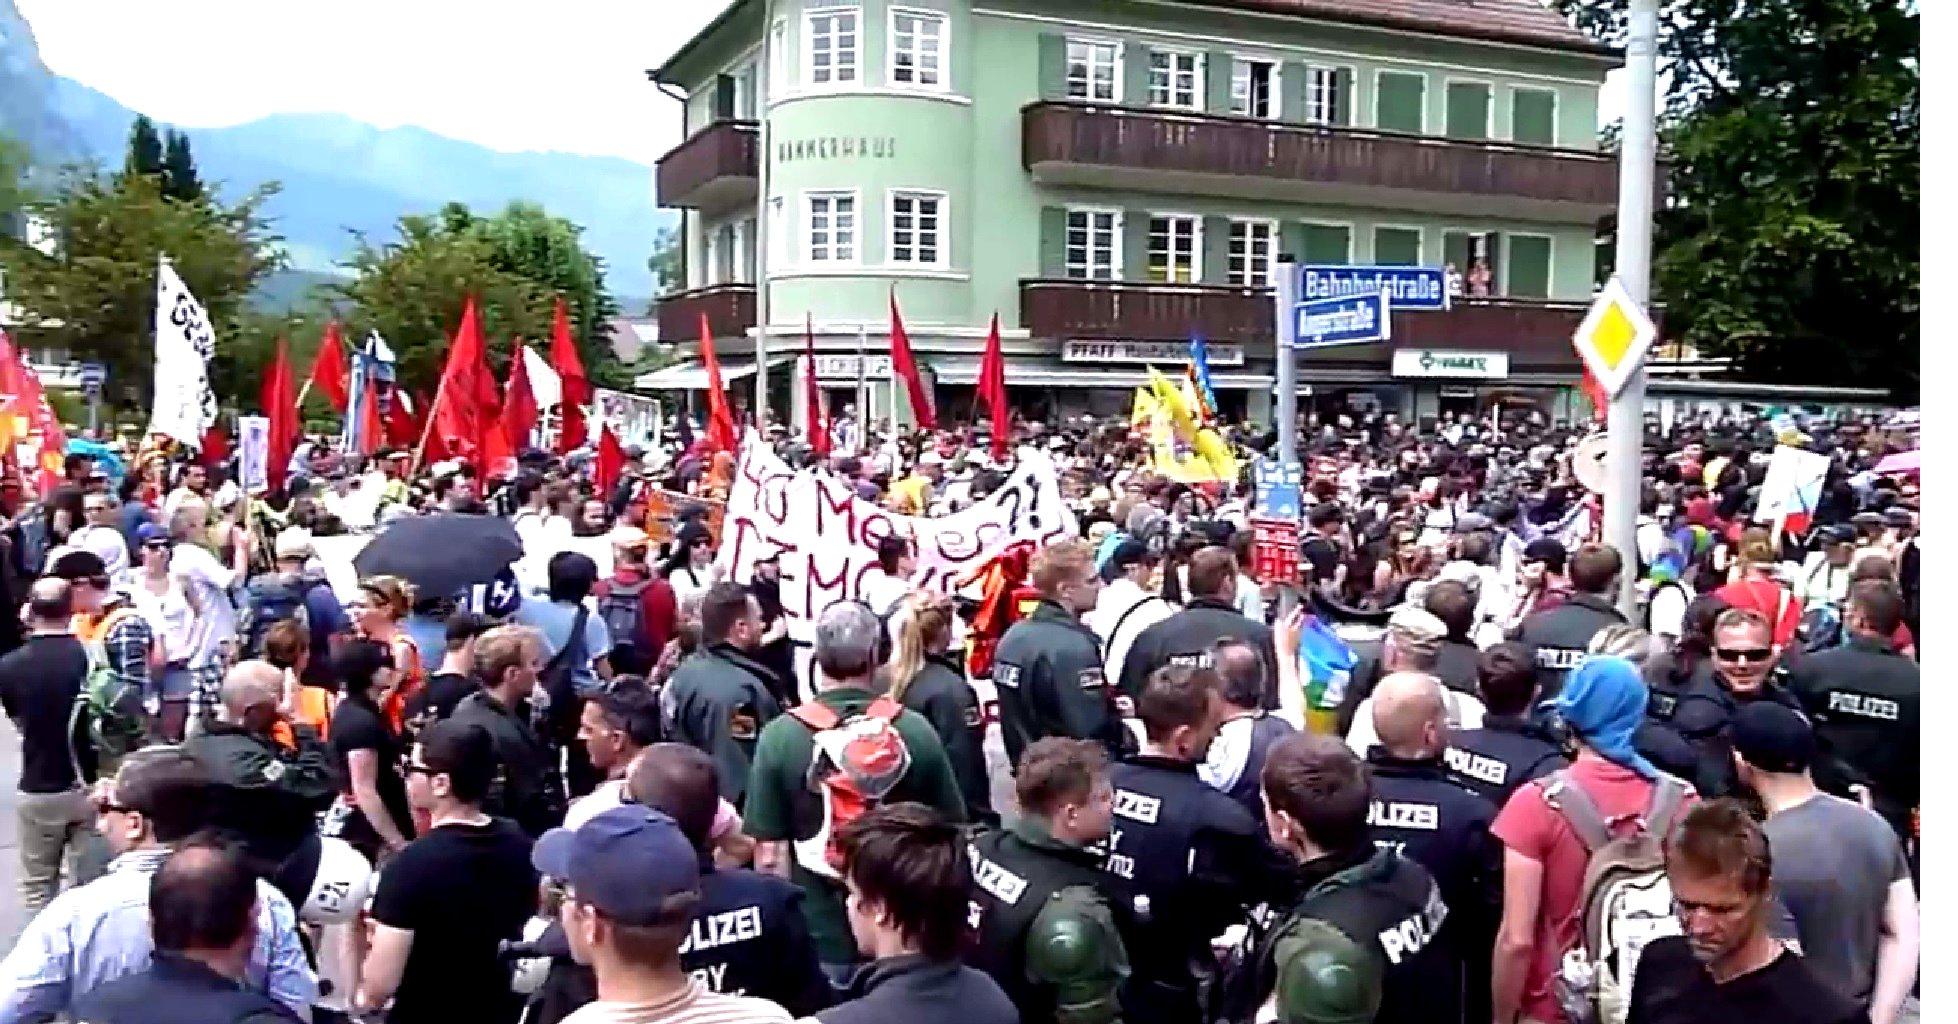 Tausende demonstrierten am 06.06.2015 gegen das G7-Treffen in Garmesch-Patenkirchen. Nur zehn Kilometer vom Schloss Elmau entfernt, wo das Gipfeltreffen der Großmächte stattfand, zogen die Protestierenden mit Plakaten und Bannern durch die Stadt.